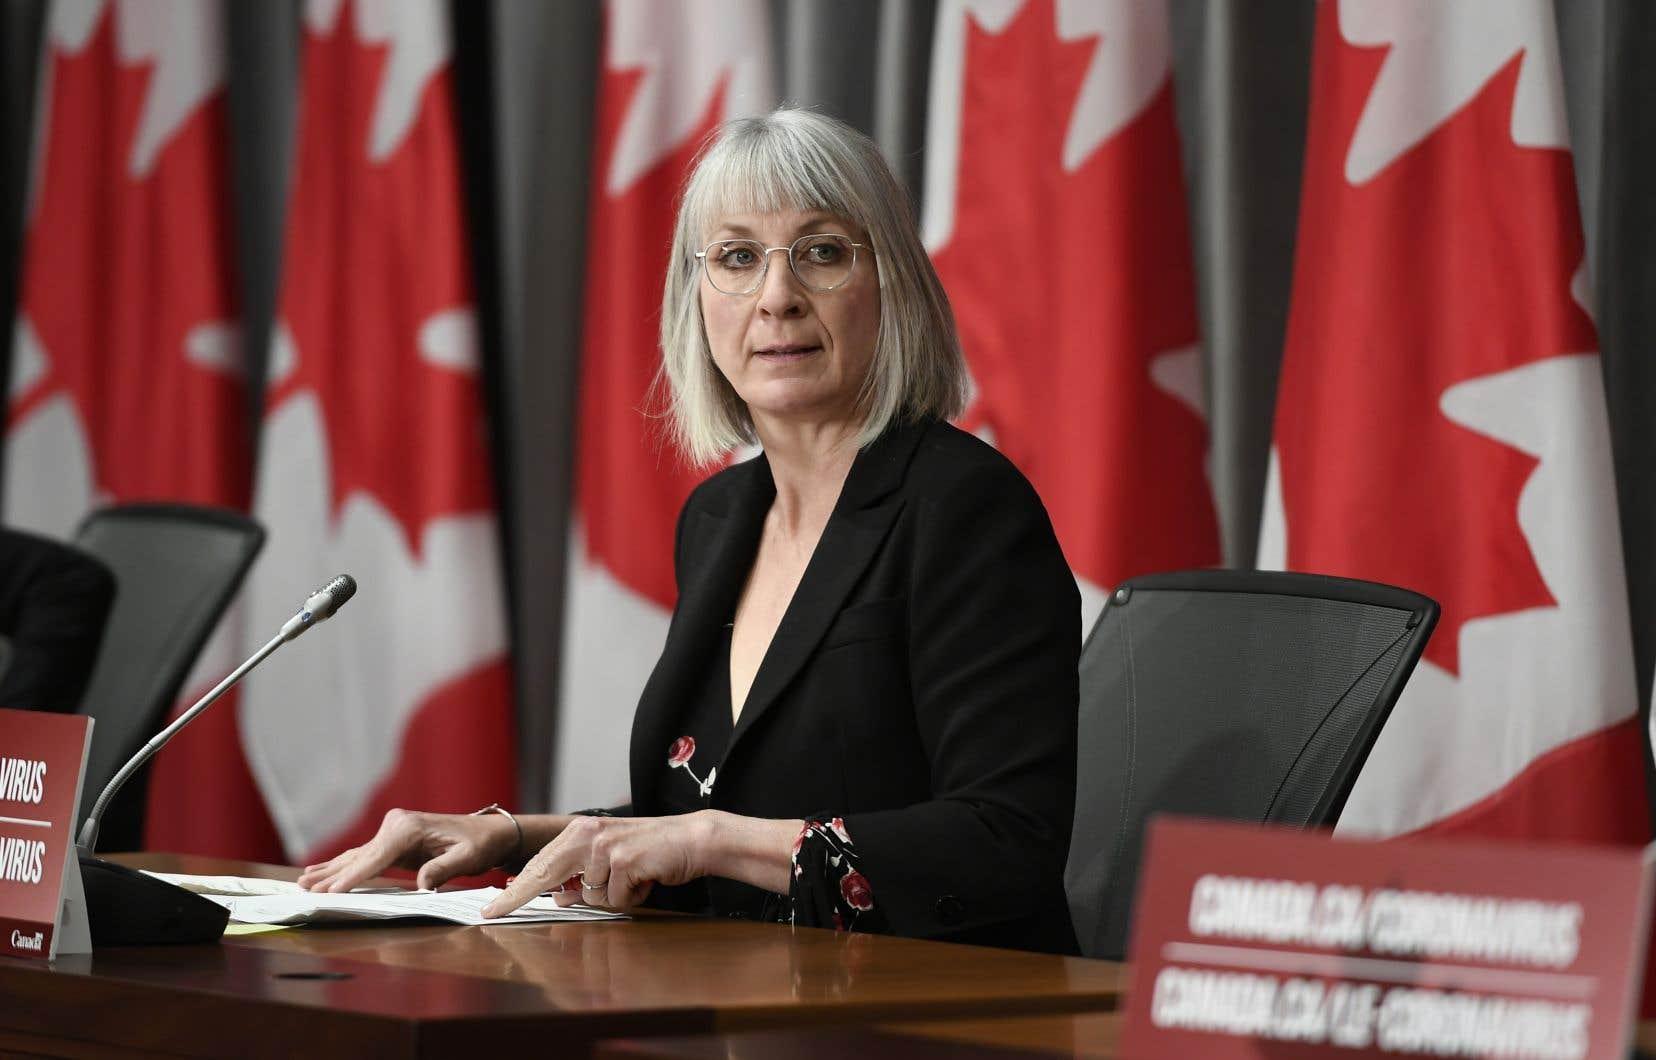 L'arrêté d'urgence signé vendredi par la ministre fédérale de la Santé, Patty Hajdu, s'applique à tous les médicaments soumis à la déclaration obligatoire des pénuries au Canada.